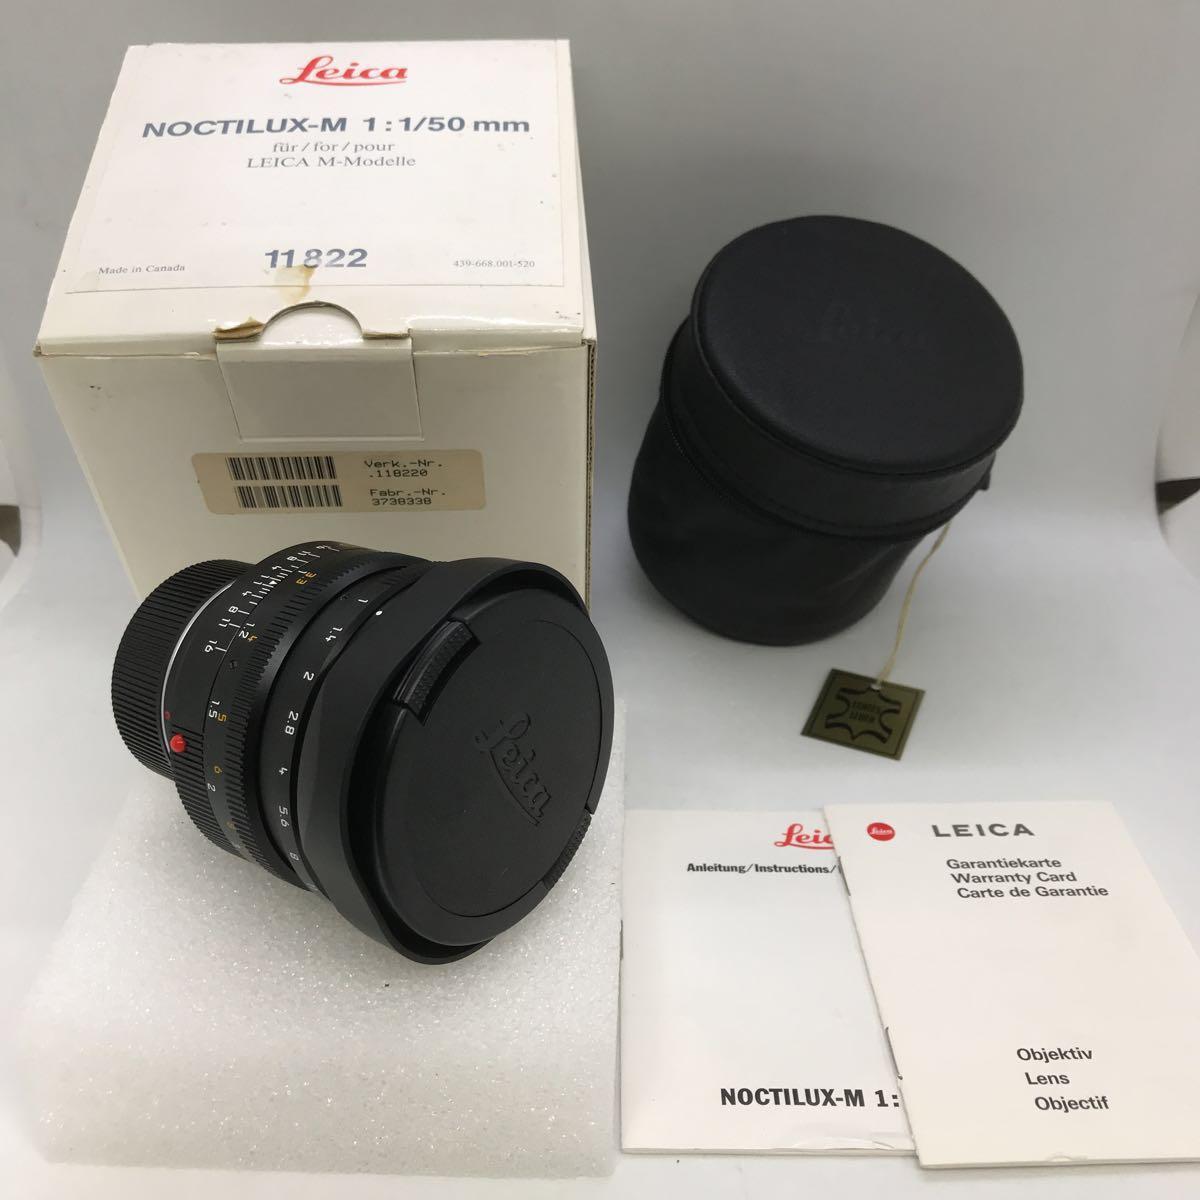 超美品 ライカ LEICA NOCTILUX-M 1:1/50 mm 50mm F1.0 11822 元箱付き コレクション